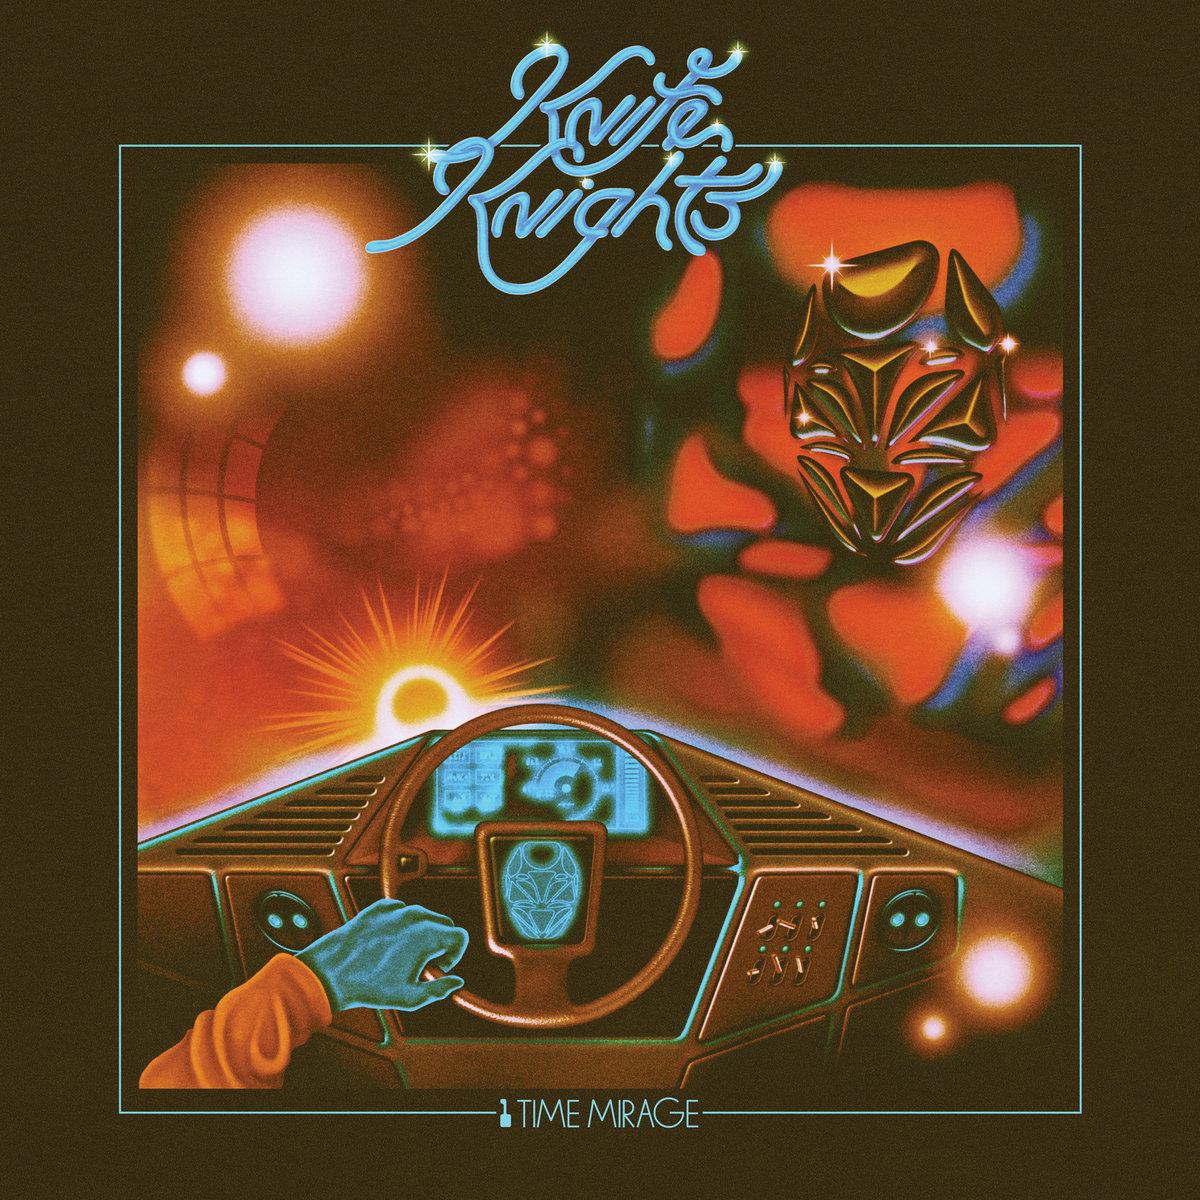 pochette de 1 time mirage de Knife Knights